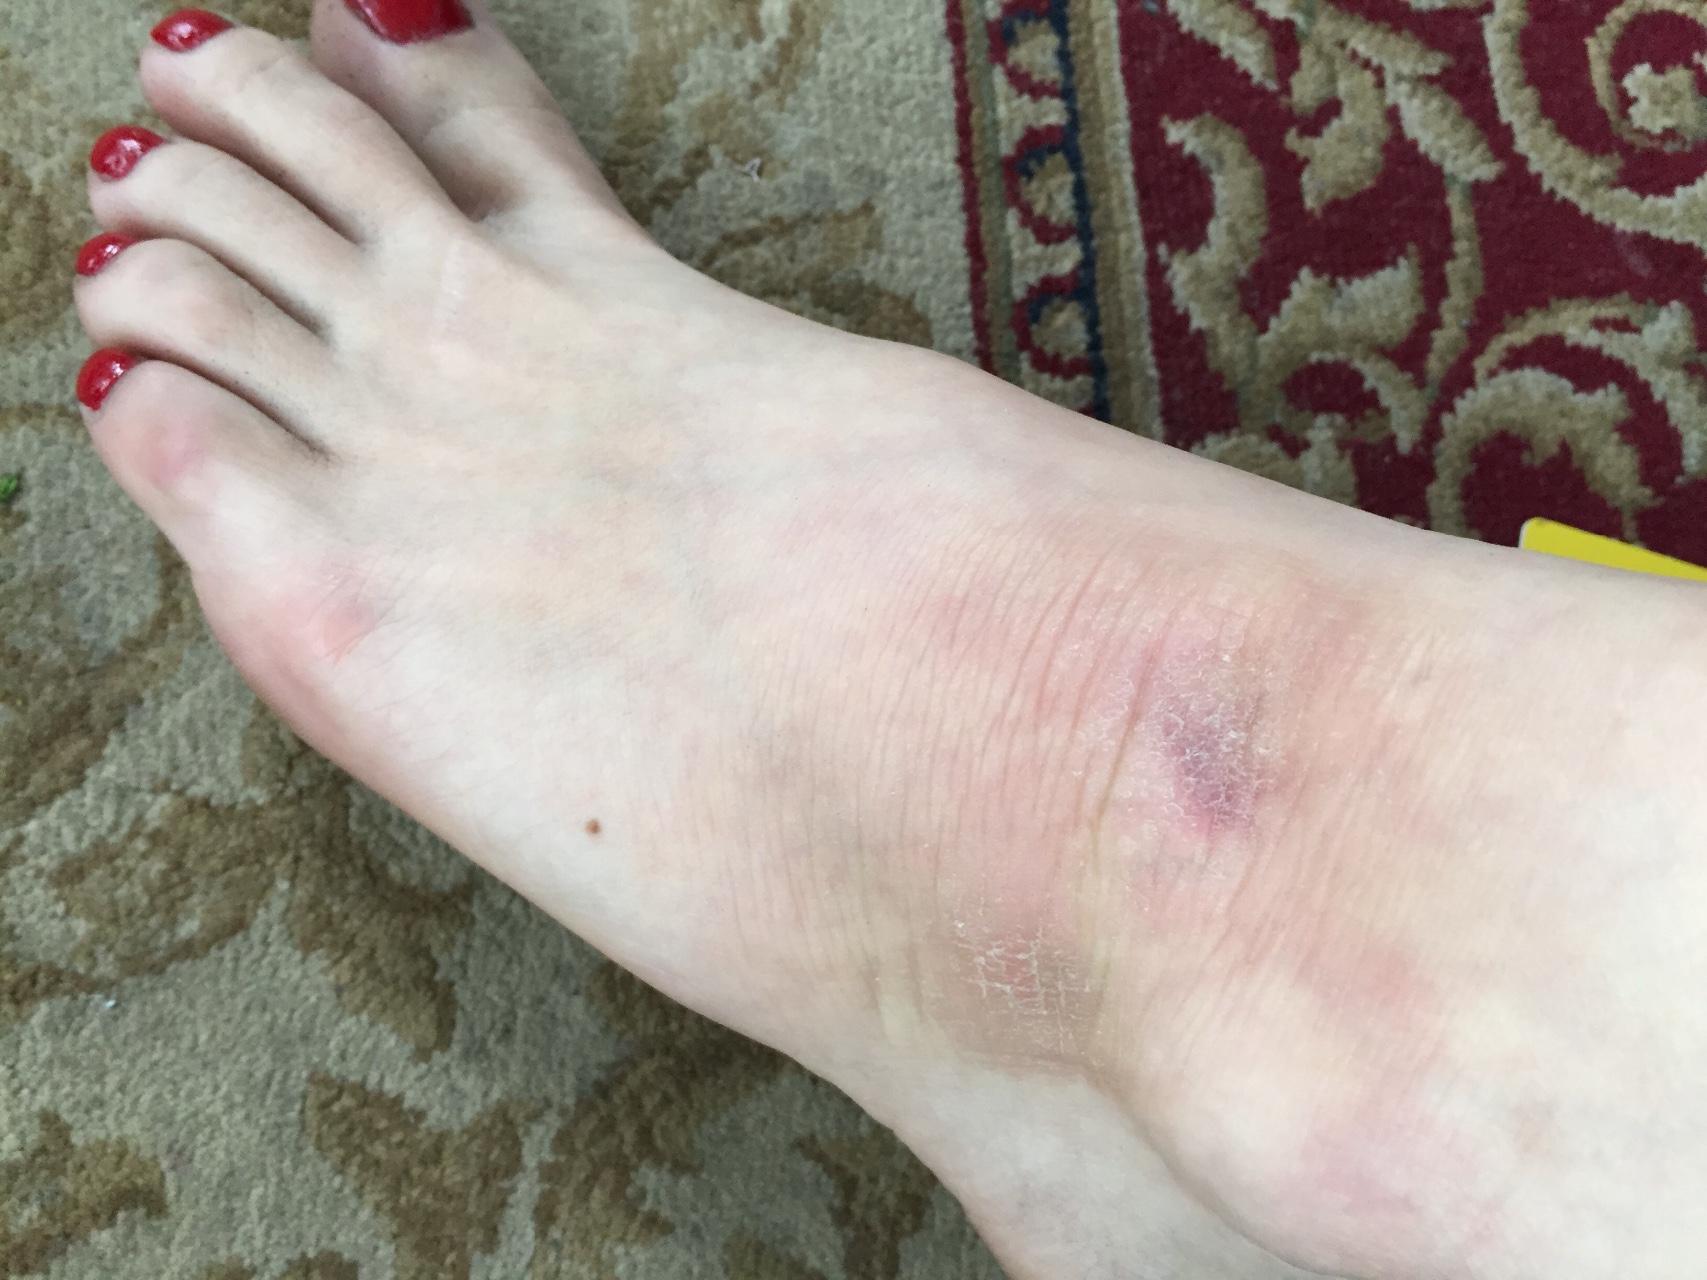 Причины боли в щиколотке